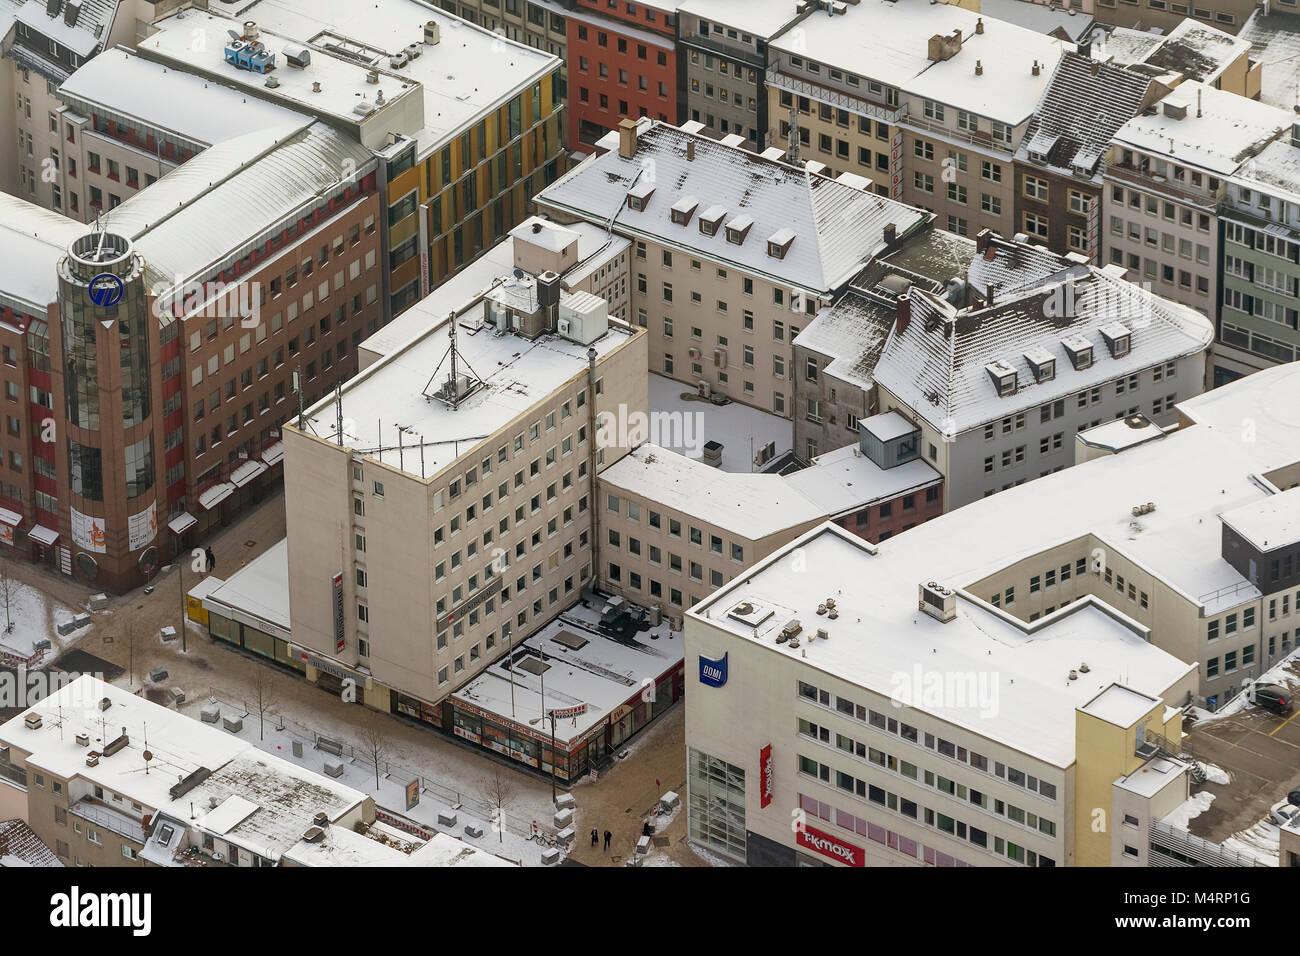 Luftbild, newspaper house, editorial offices, WAZ group, Rundschauhaus, Westfälische Rundschau, Dortmund, Ruhr - Stock Image